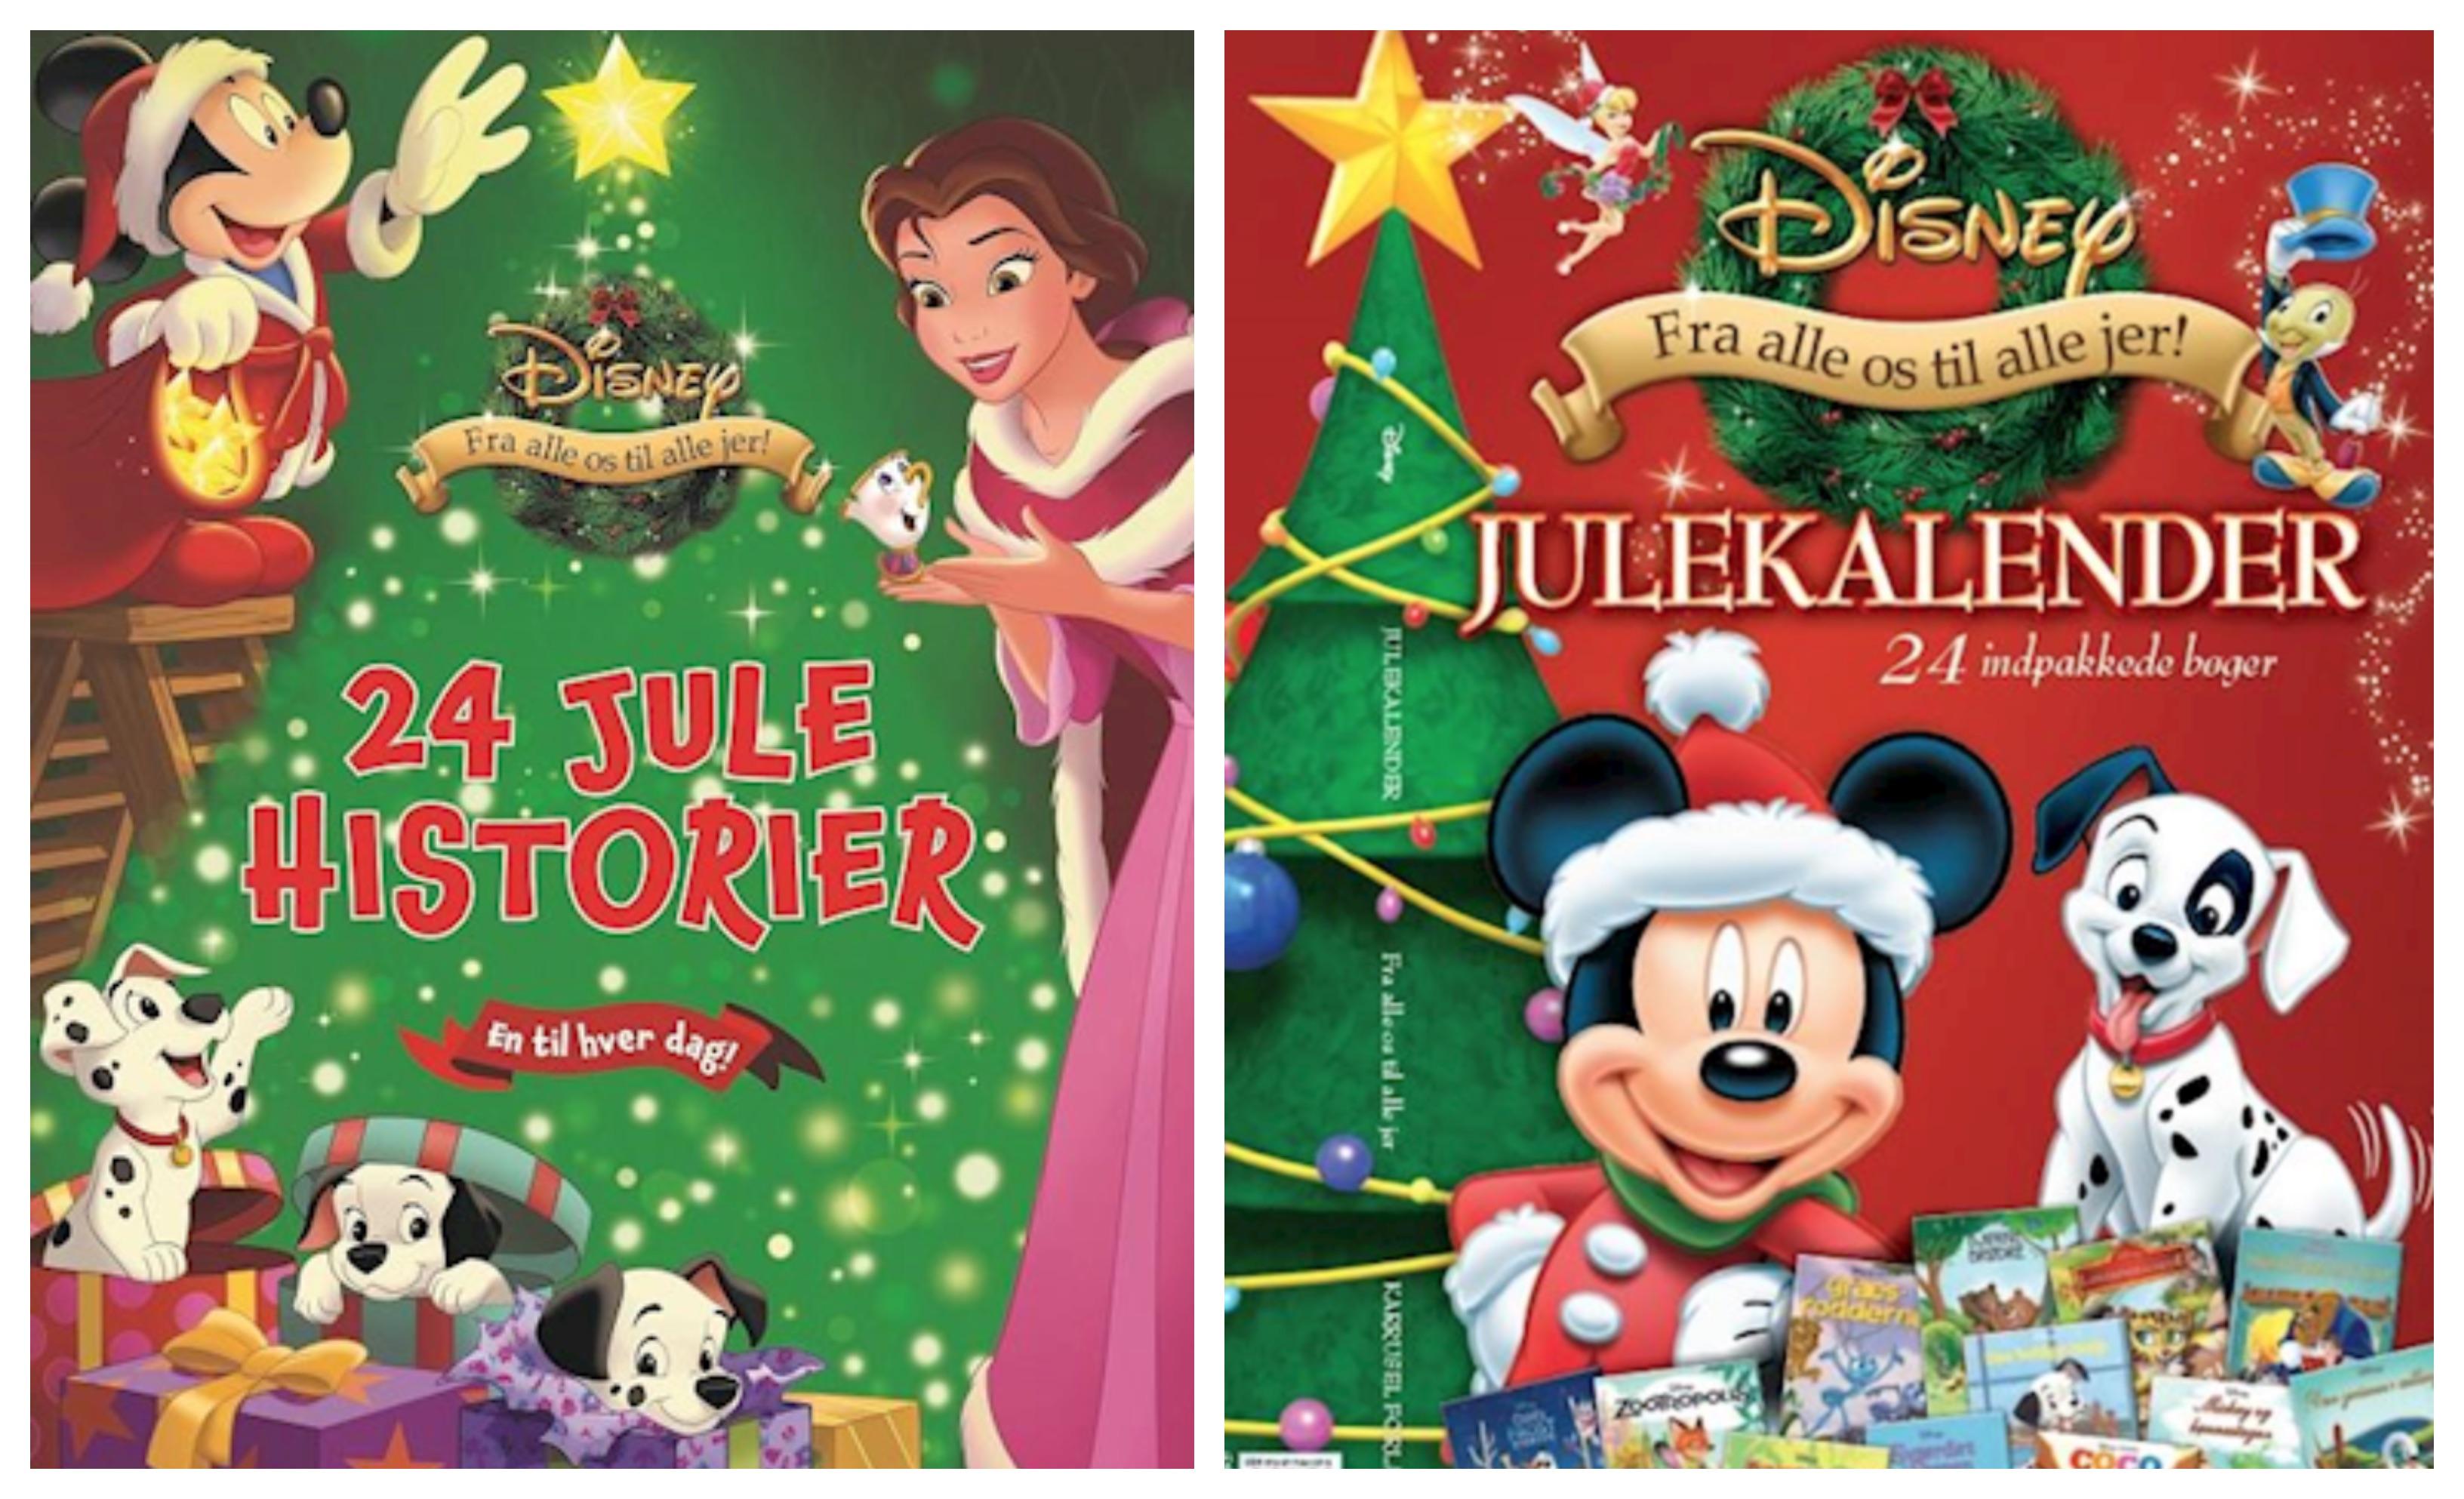 Disney julekalender 2019